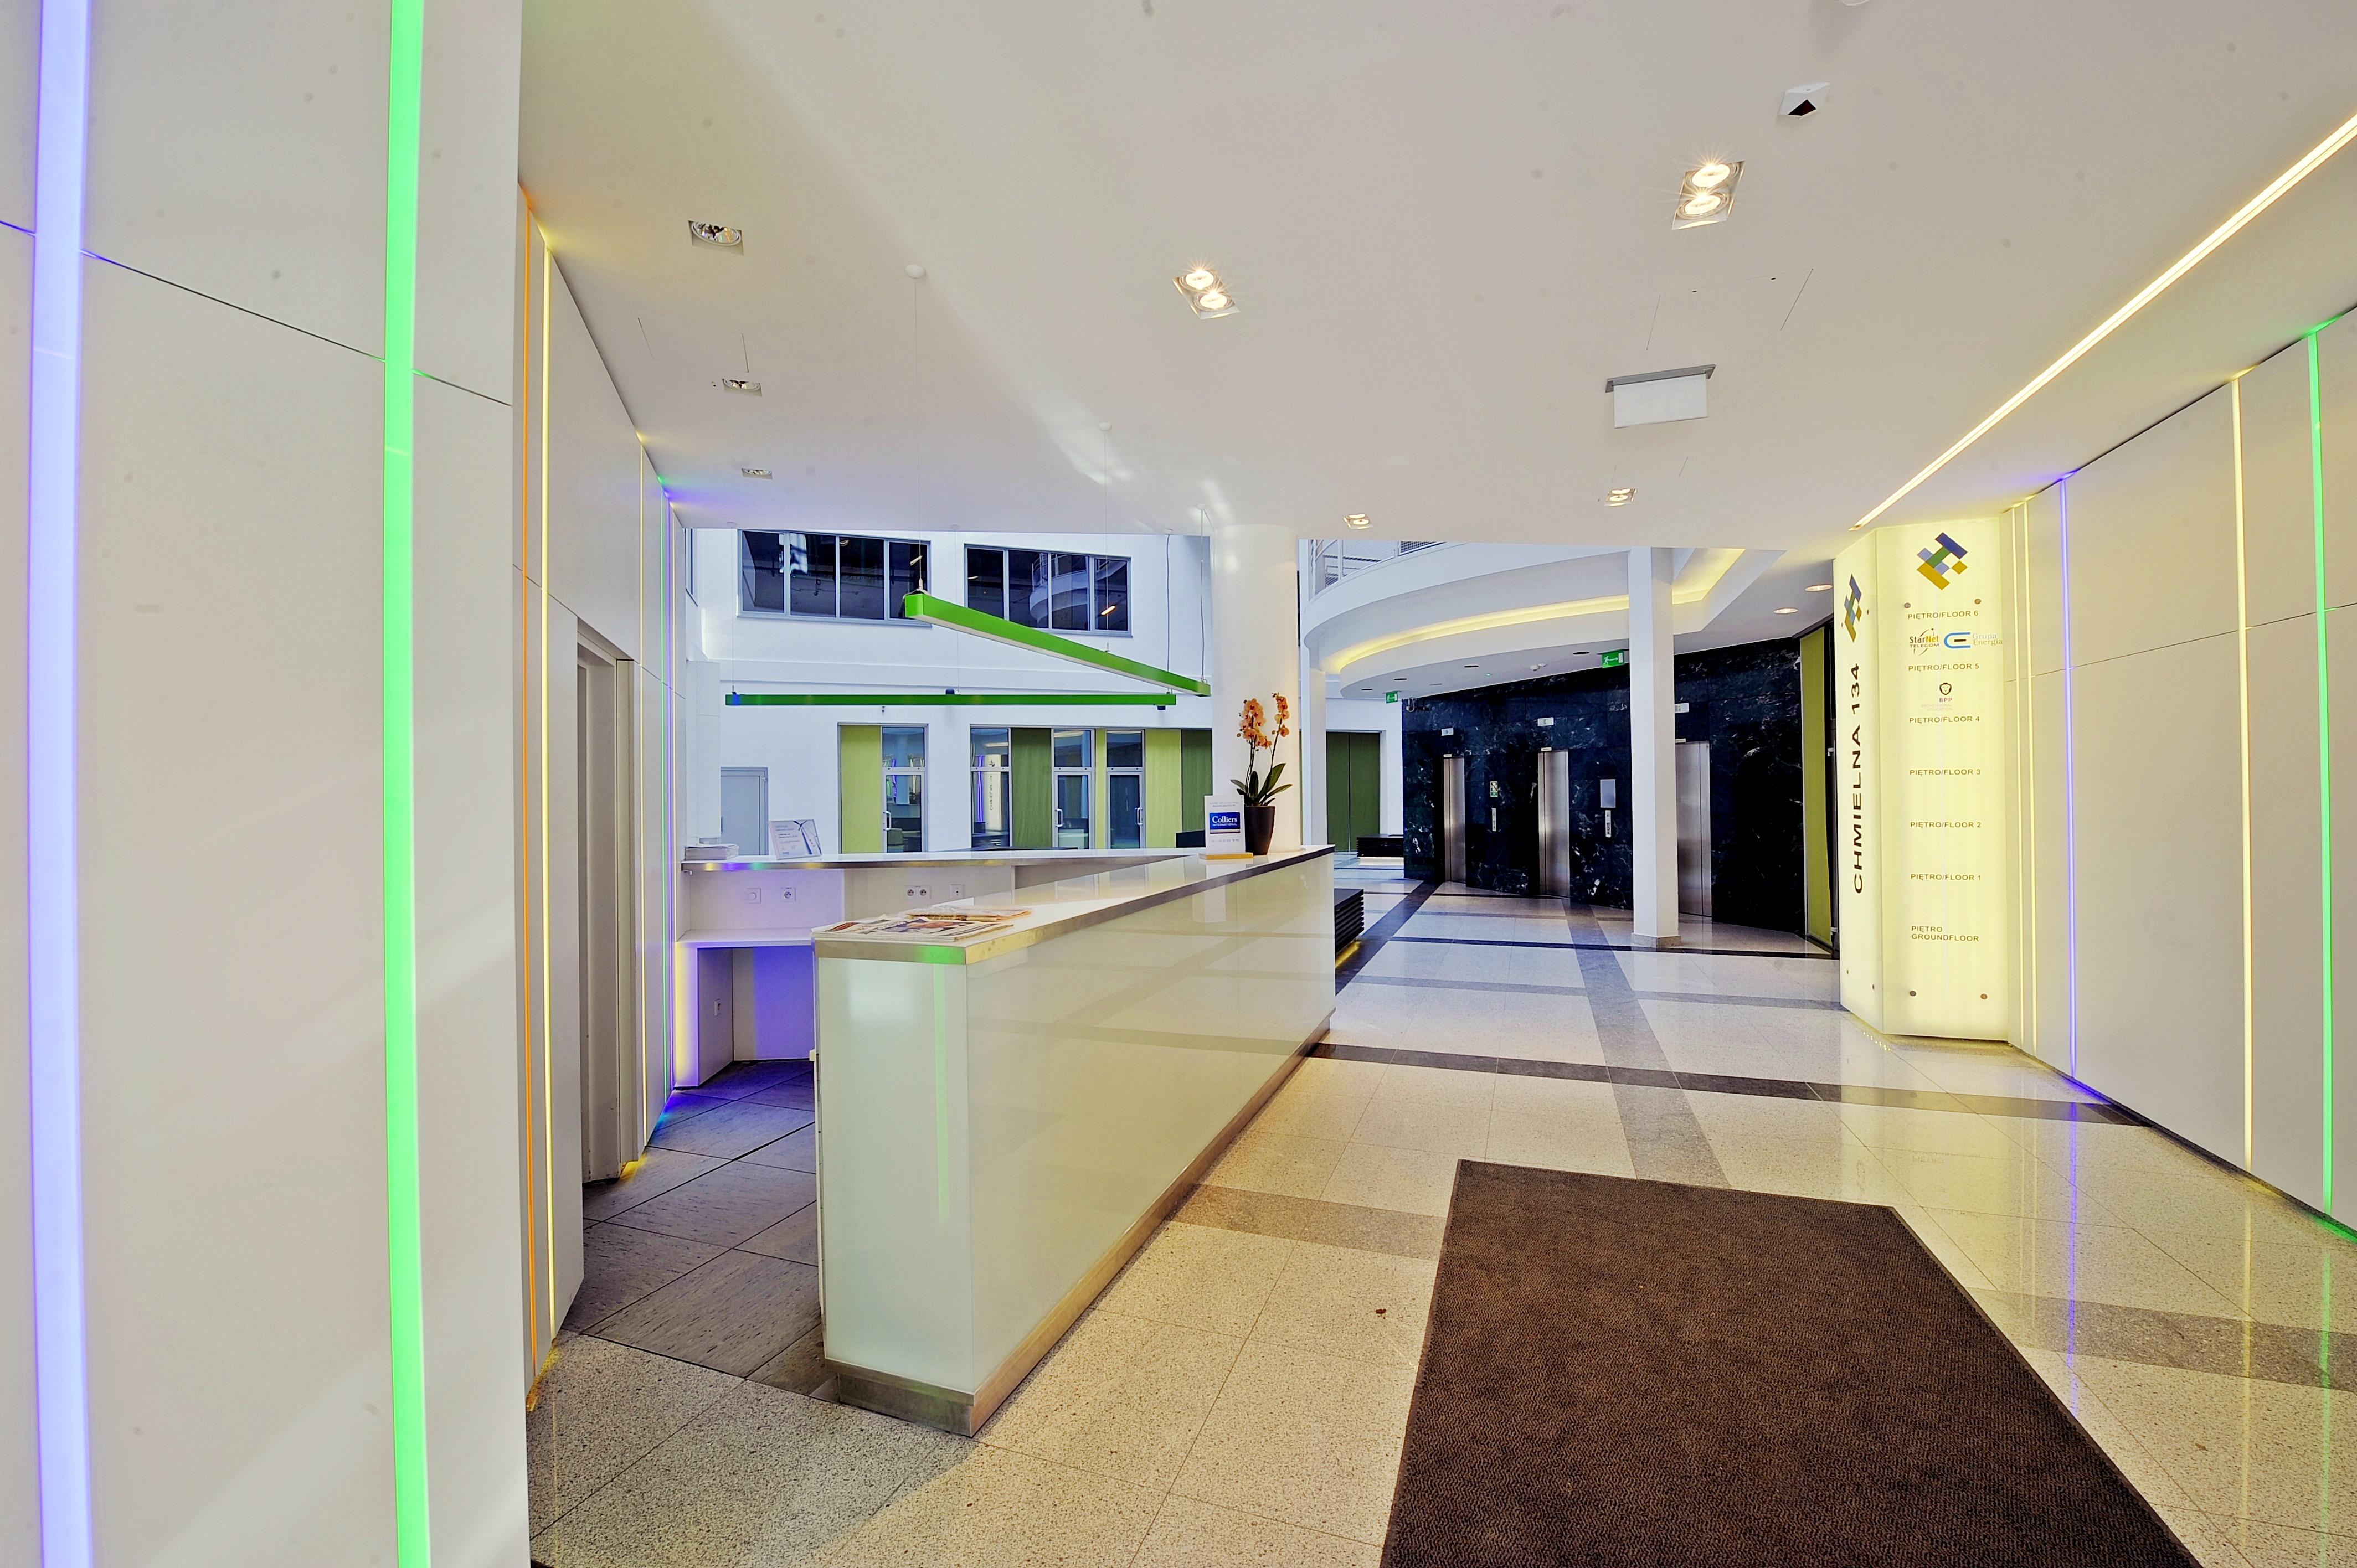 CHMIELNA 134 BUSSINESS OFFICE CENTER   PODNAJEM - zdjęcie 2